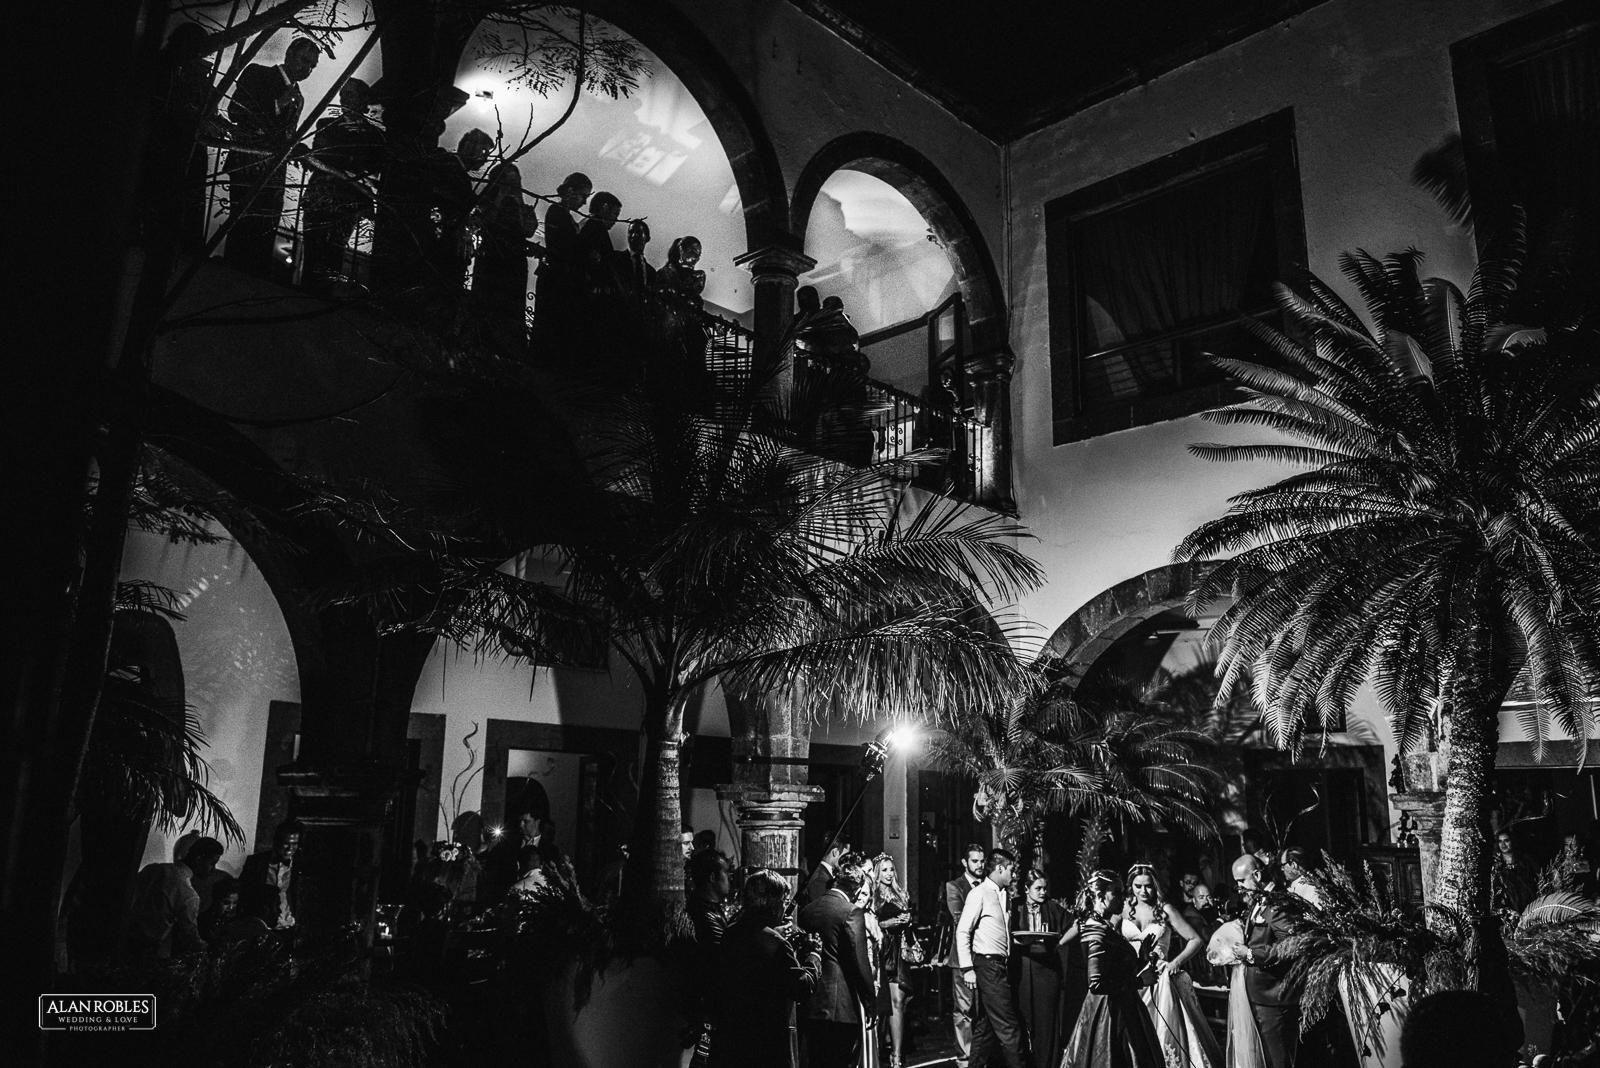 Fotografo de Bodas en Guadalara Alan Robles - Boda en Tlaquepaque Centro historico - Real san Pedro